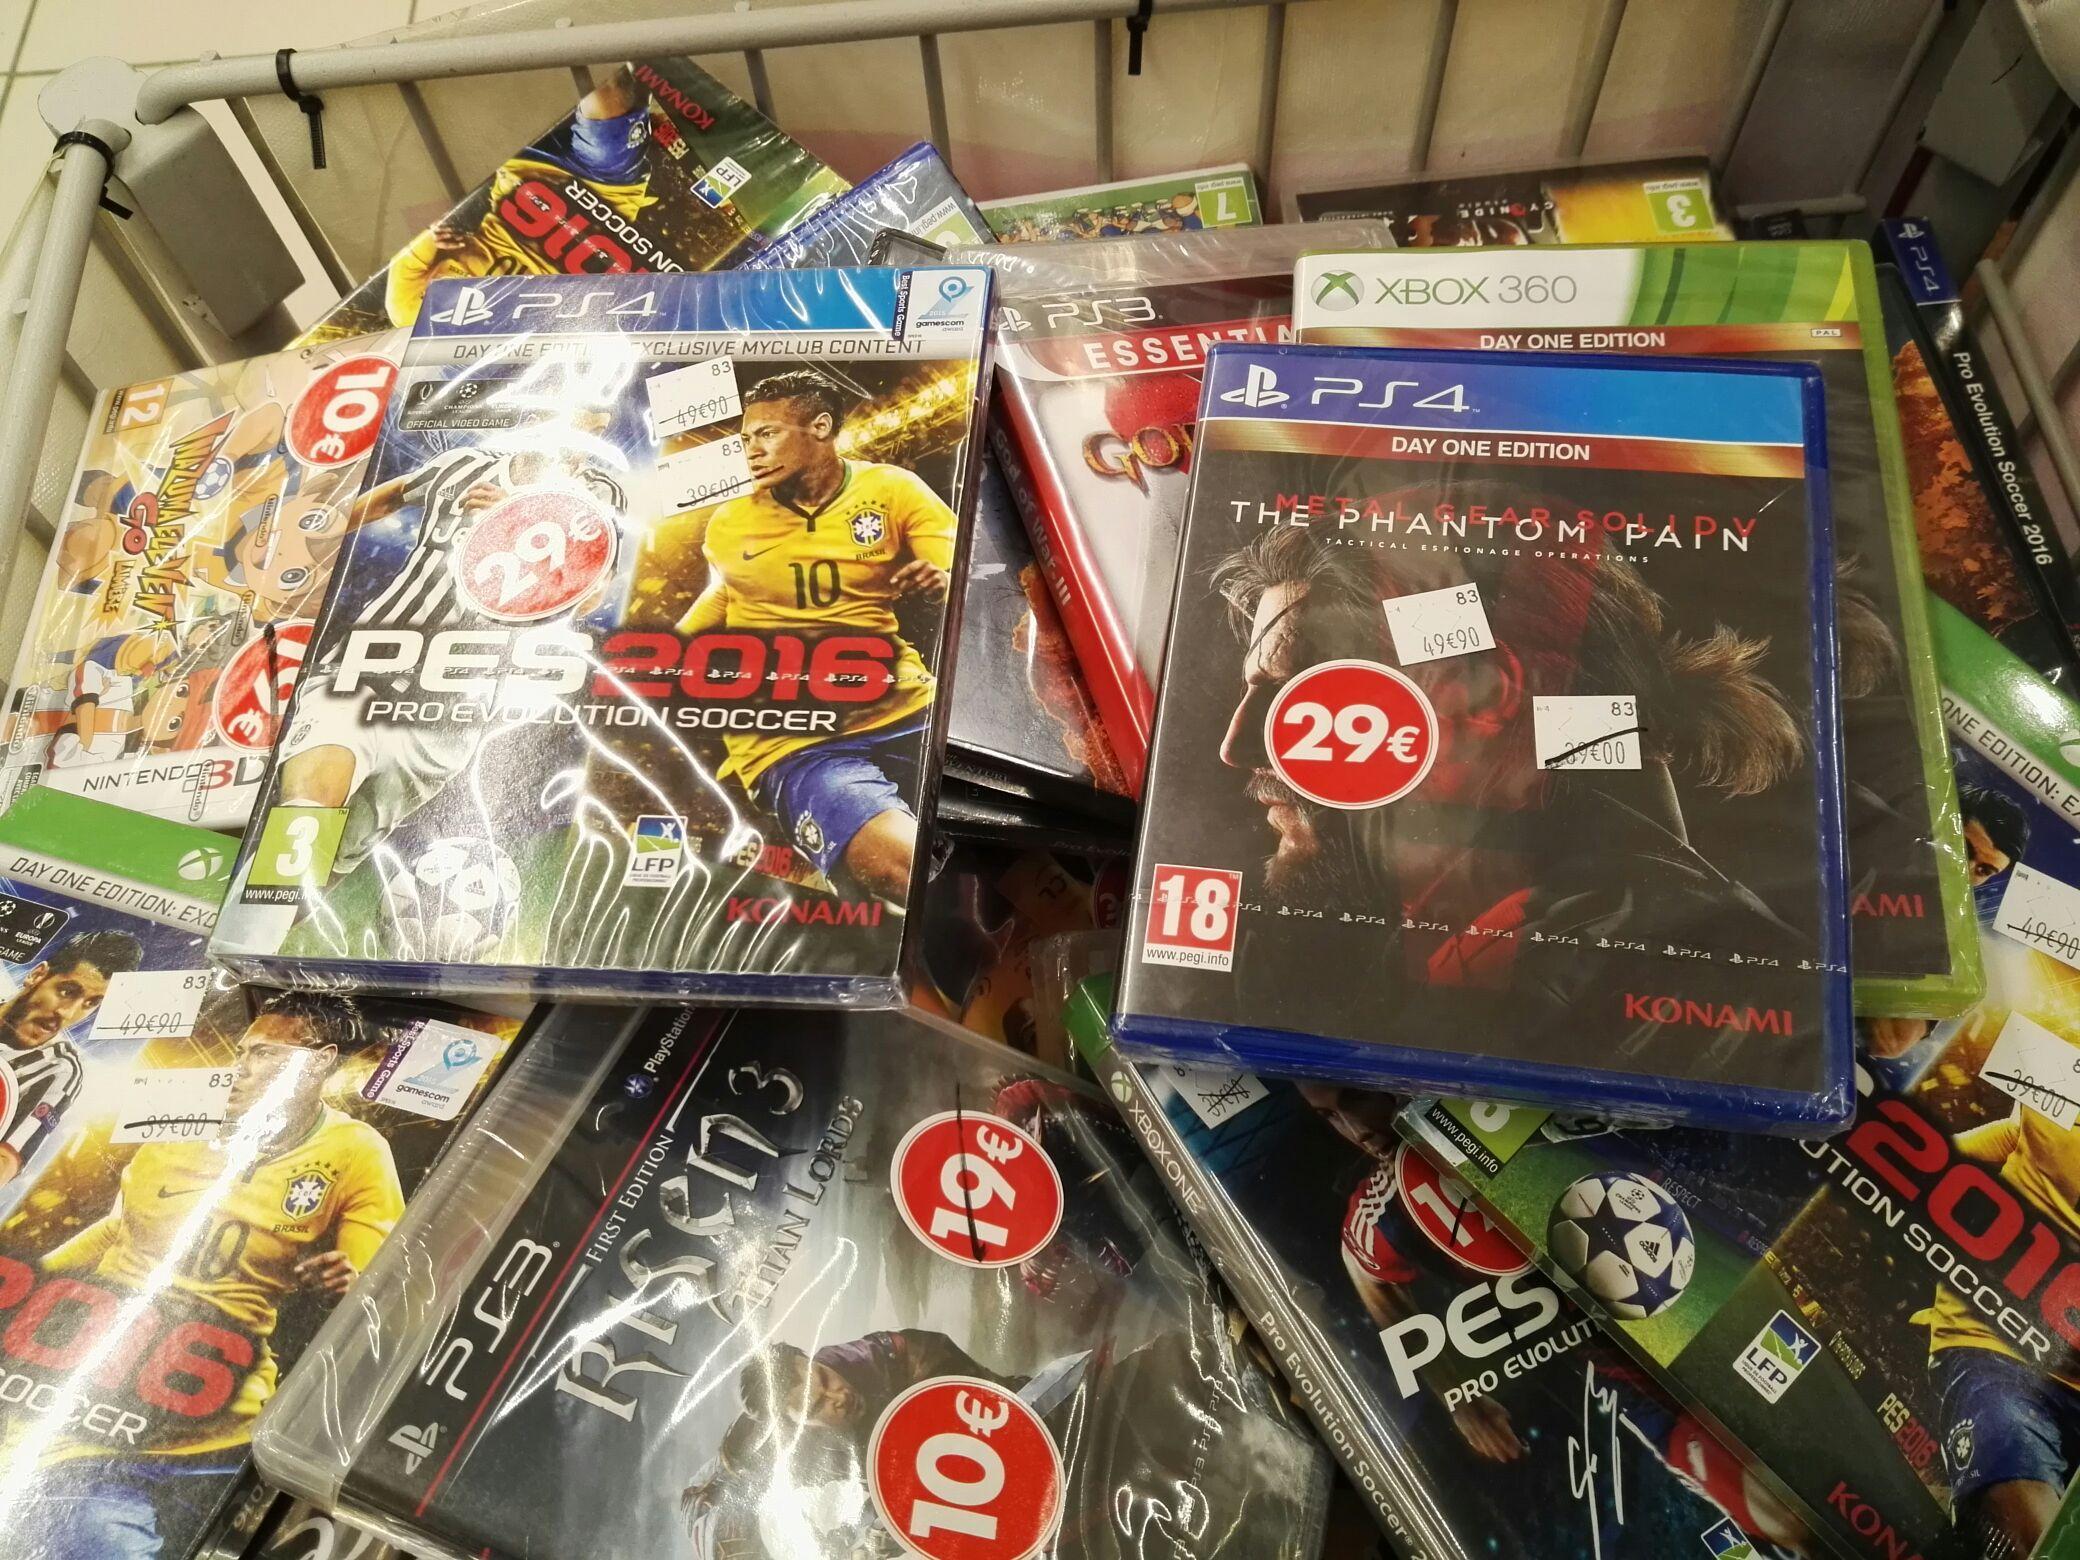 Sélection de jeux vidéo PS3, PS4, Nintendo 3DS, Xbox One, Xbox 360 et PC en promotion - Ex: Uncharted 3 sur PS3